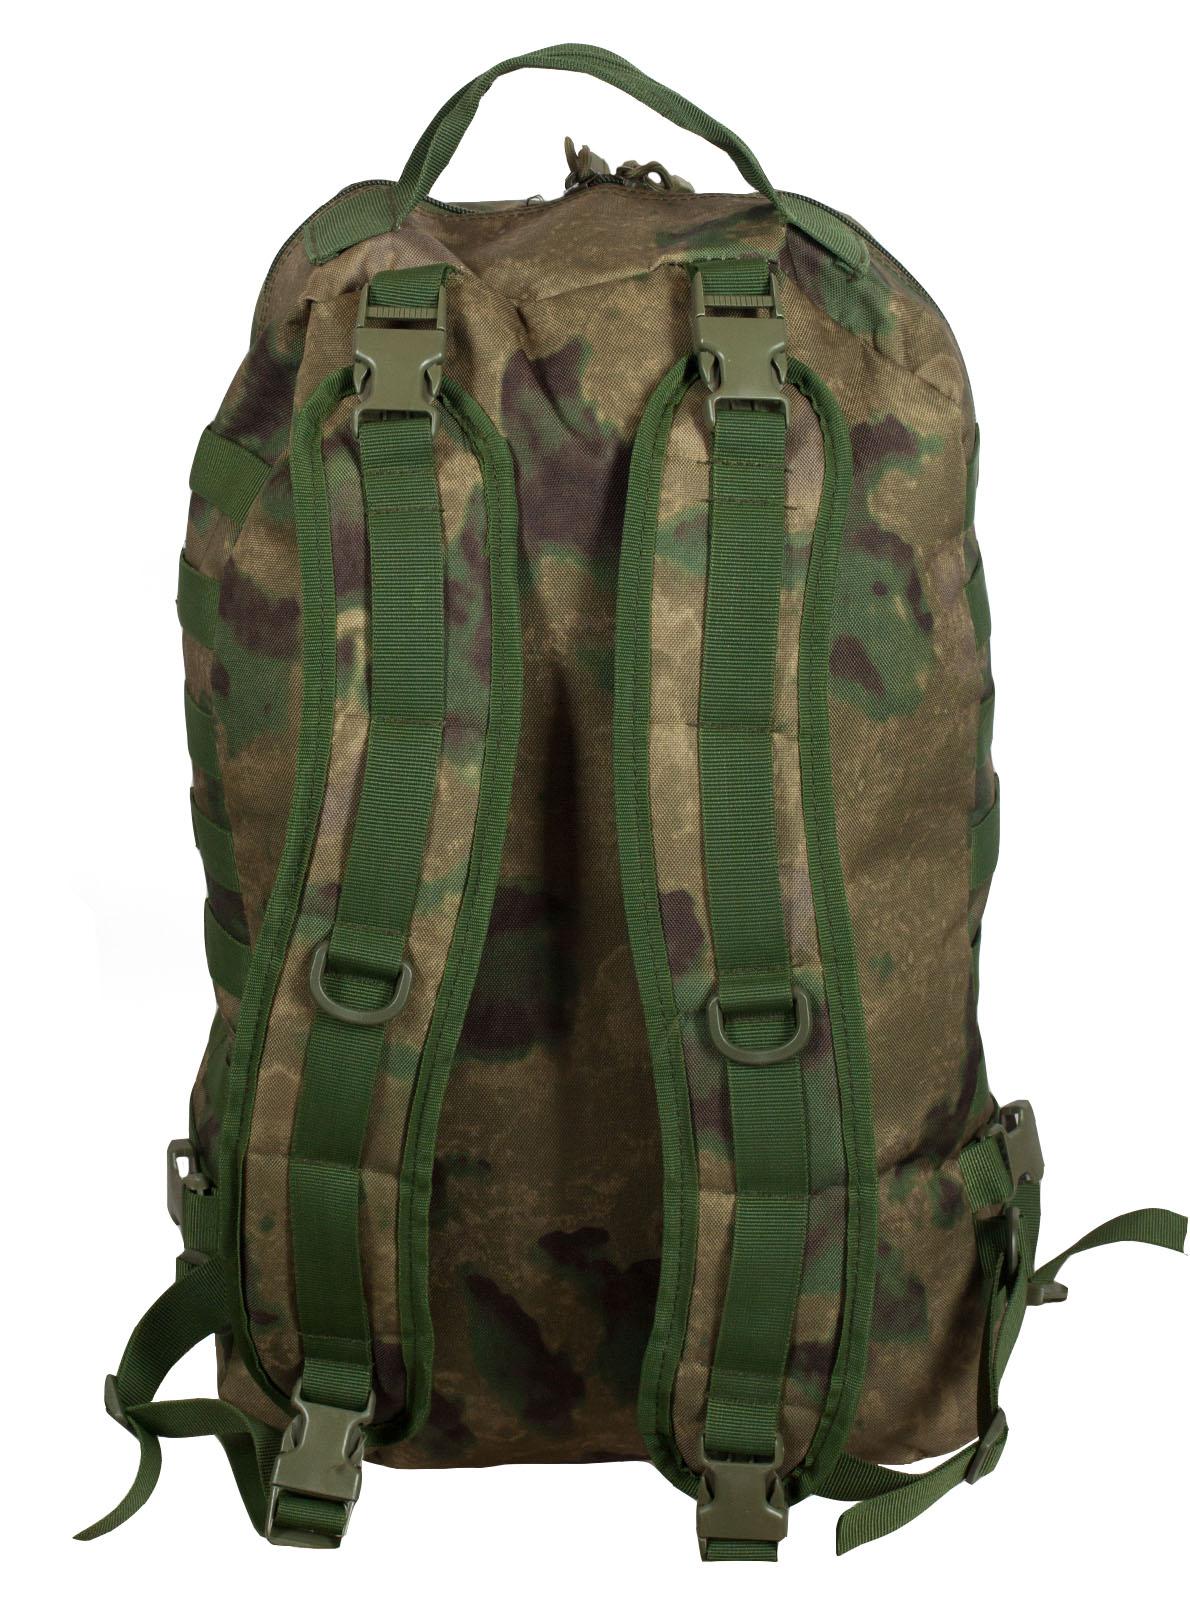 Военный камуфляжный рюкзак с нашивкой Пограничной службы - заказать оптом